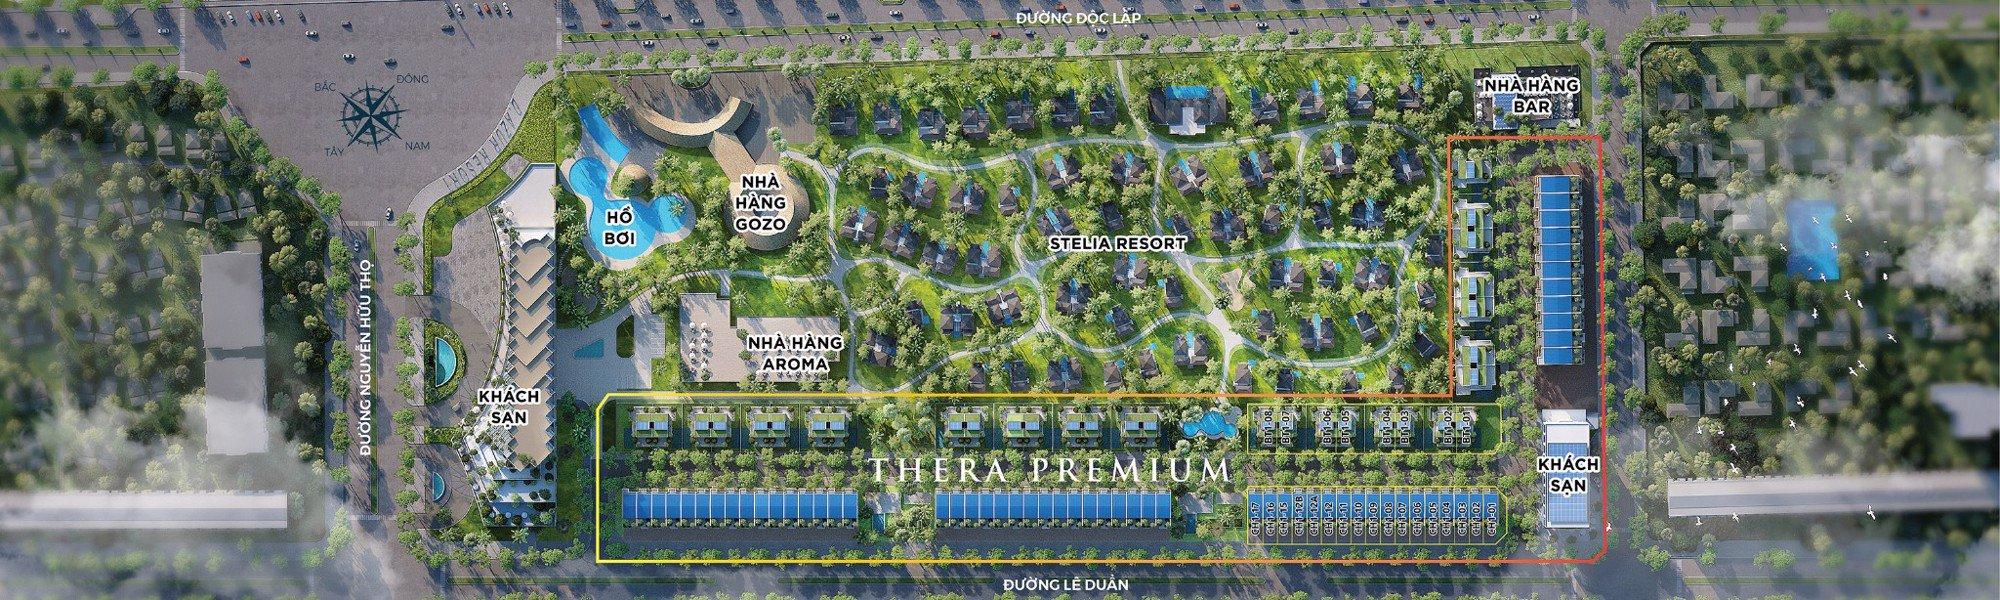 Mặt bằng phân khu dự án Thera Premium thuộc tổng thể dự án Việt Beach Resort